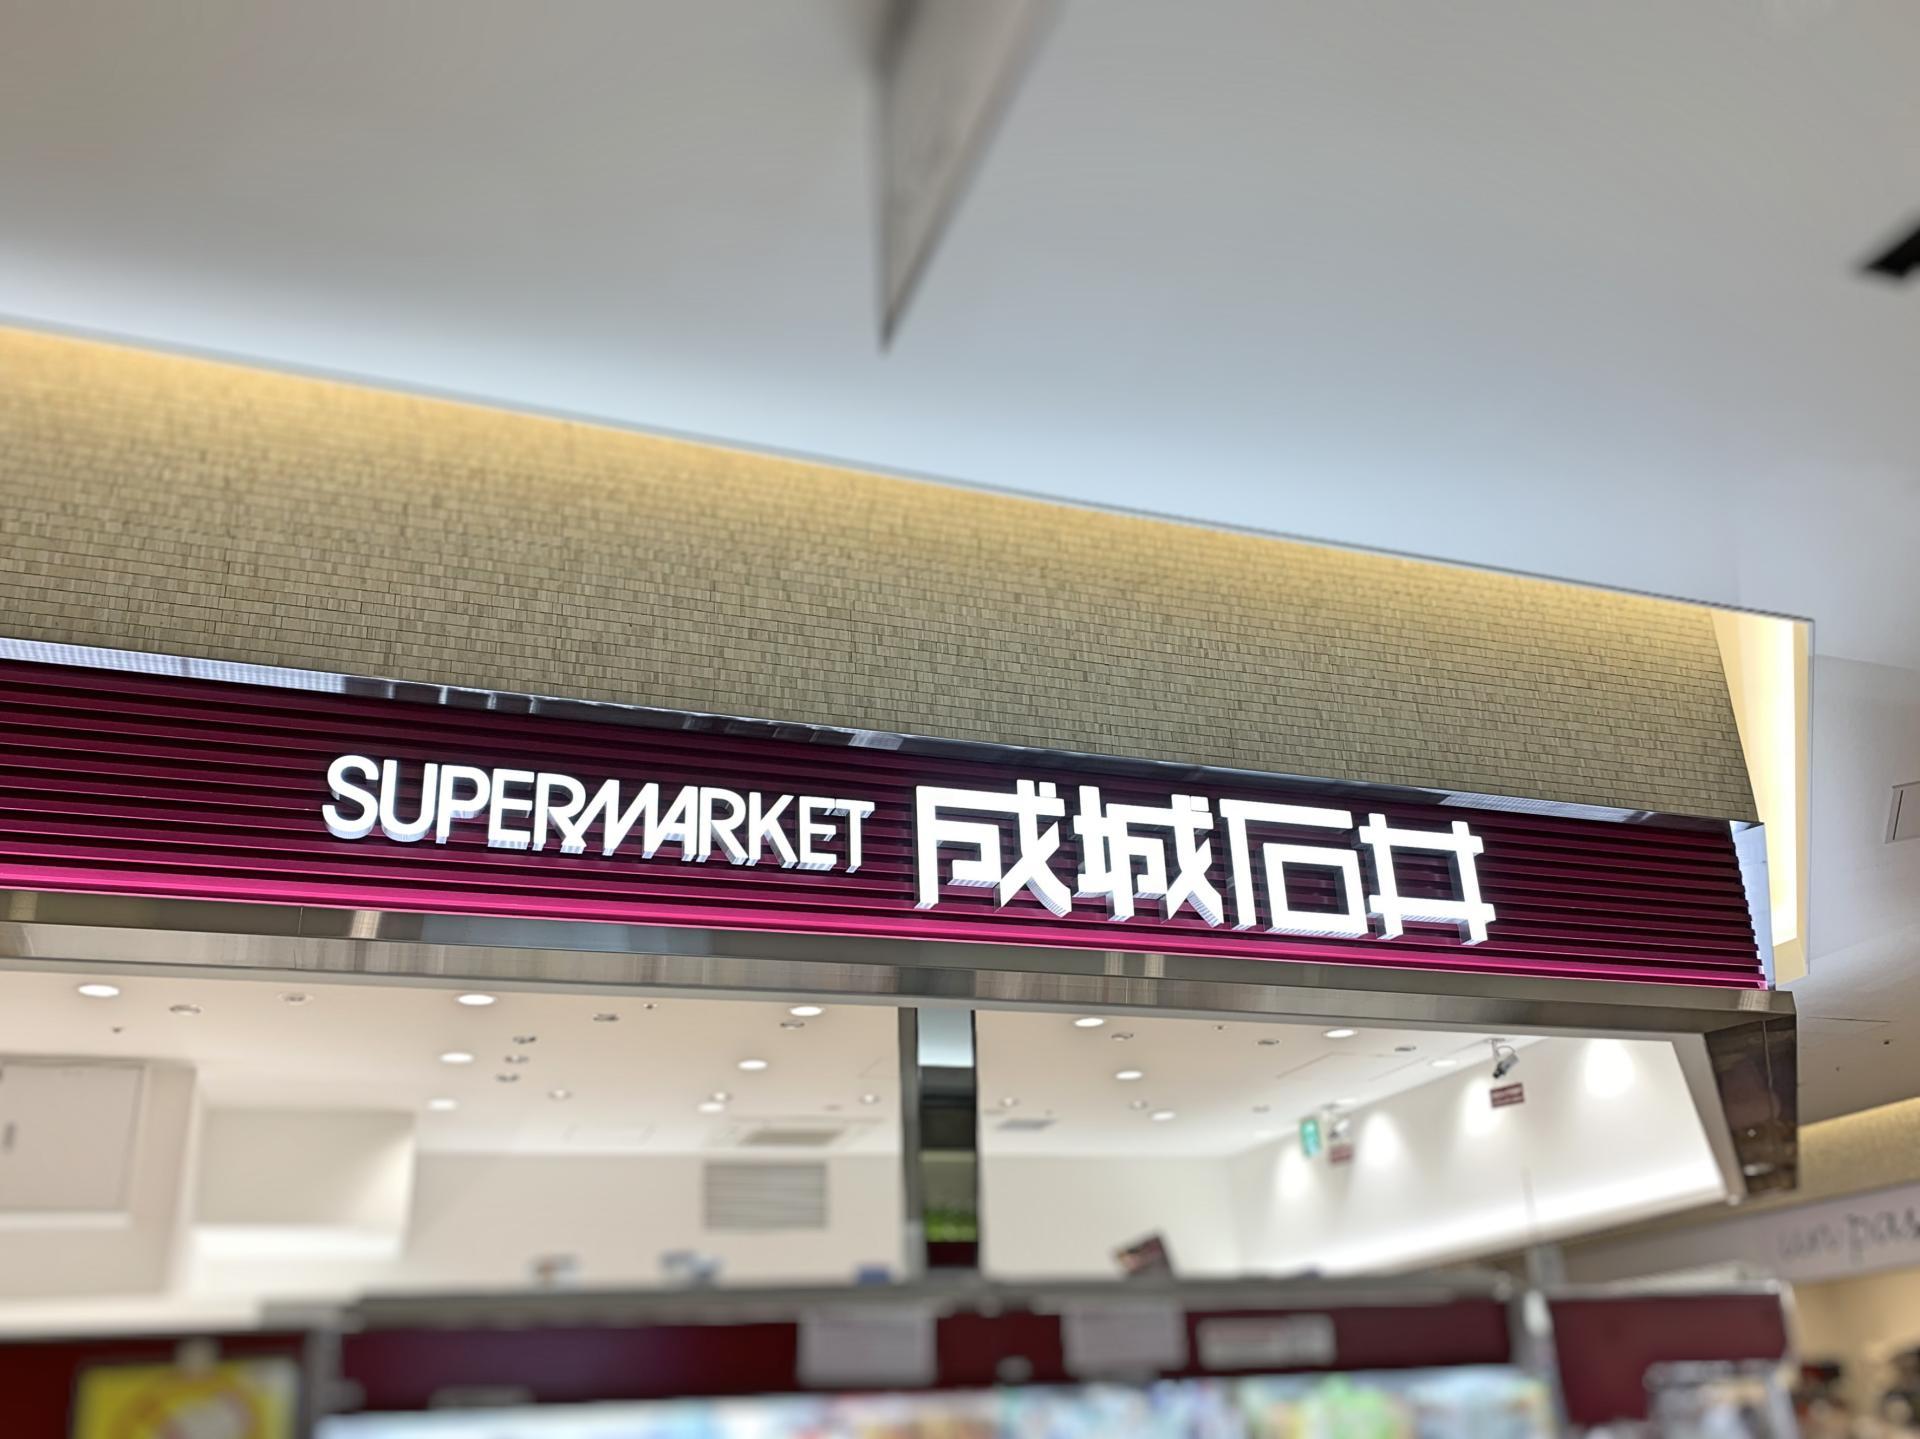 成城石井の人気商品・モンブランロールをご紹介!一度は食べたい絶品スイーツとは